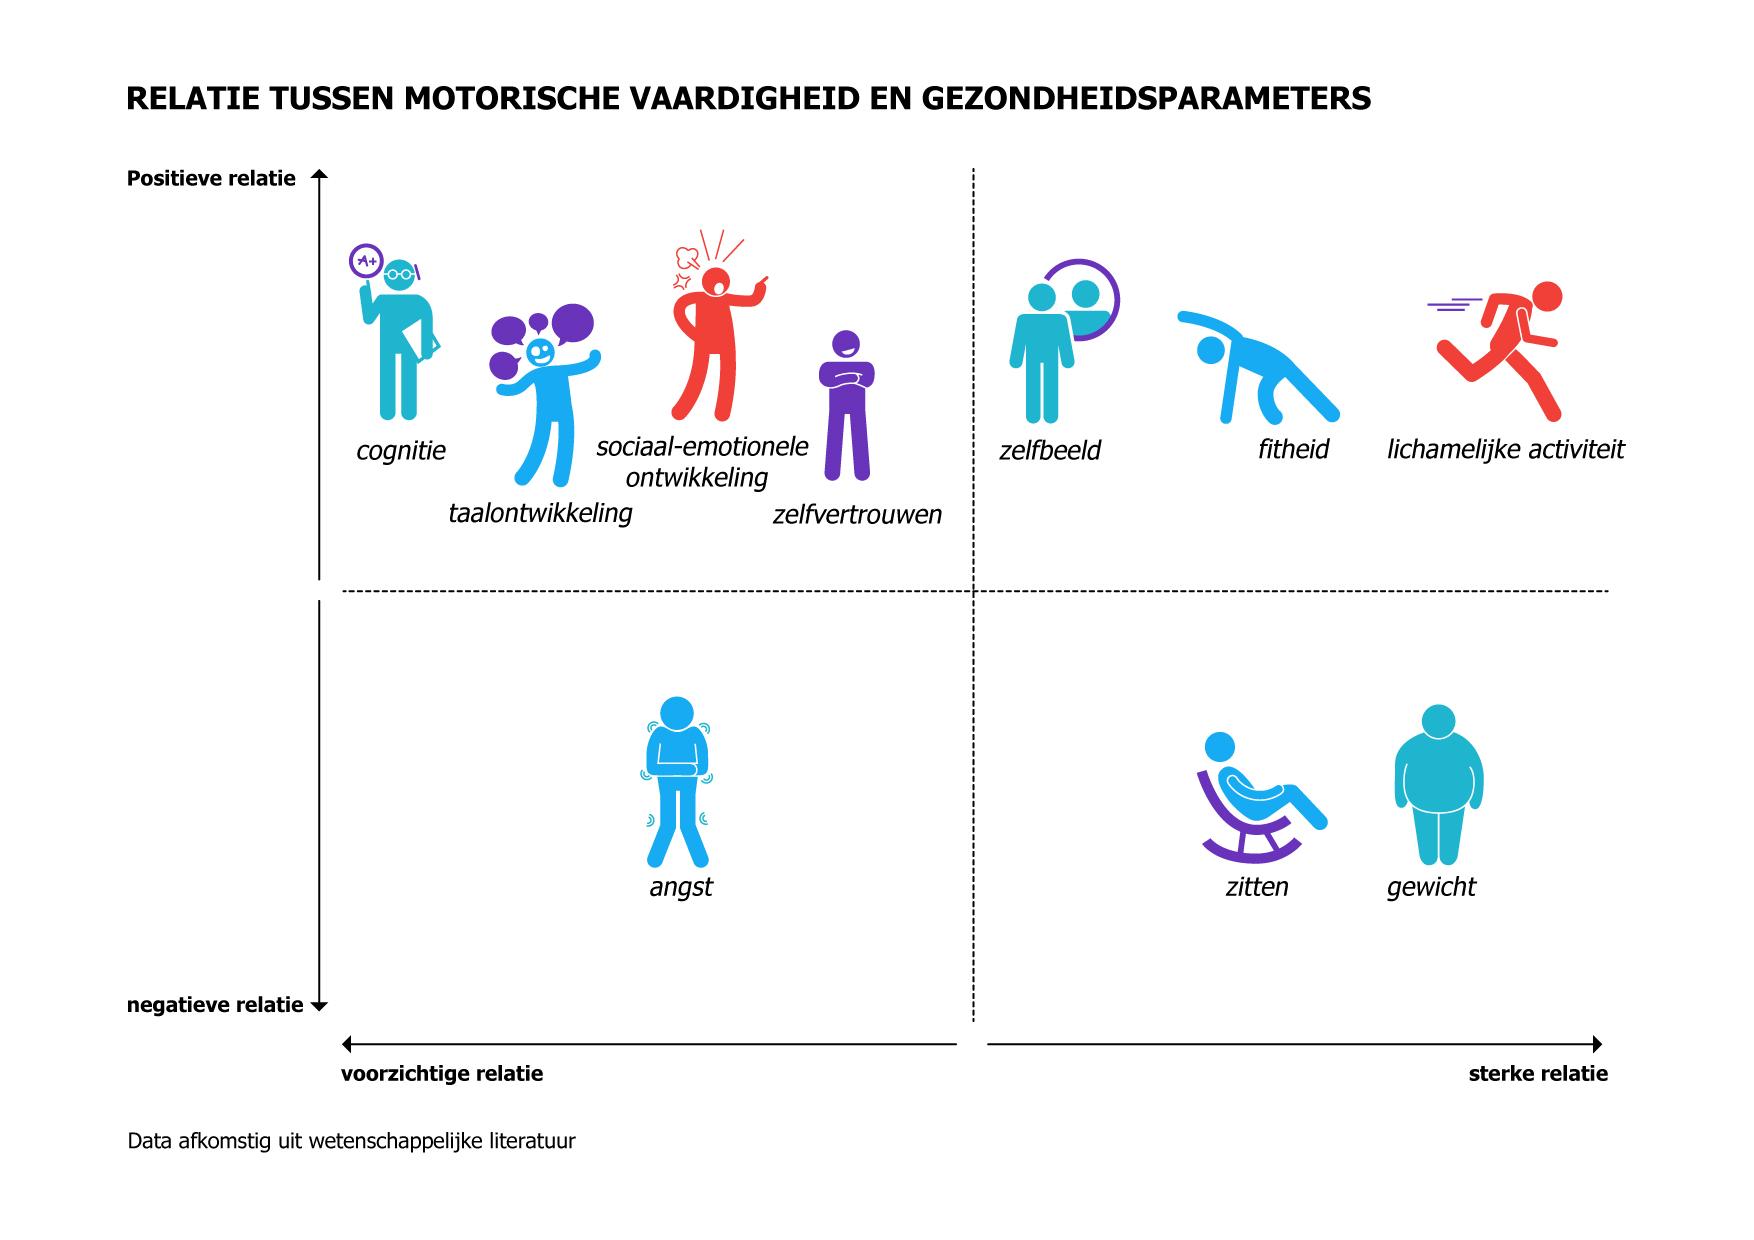 Relatie tussen motorische vaardigheid en gezondheid